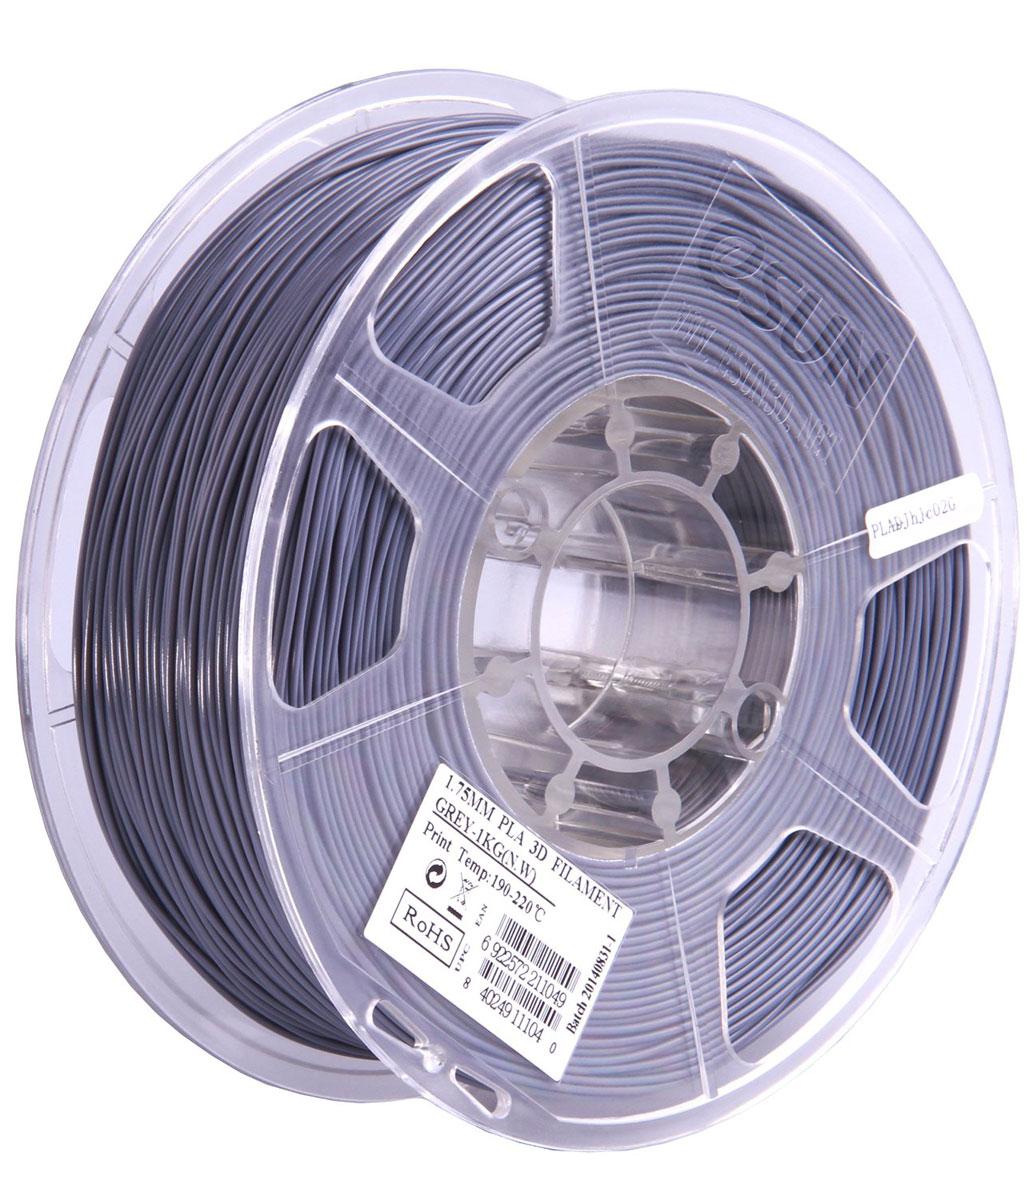 ESUN PLA-пластик в катушке, Grey (PLA175H1)PLA175H1Пластик PLA от ESUN долговечный и очень прочный полимер, ударопрочный, эластичный и стойкий к моющим средствам и щелочам. Один из лучших материалов для печати на 3D принтере. Пластик не имеет запаха и не является токсичным. Температура плавления190-220°C. PLA пластик для 3D-принтера применяется в деталях автомобилей, канцелярских изделиях, корпусах бытовой техники, мебели, сантехники, а также в производстве игрушек, сувениров, спортивного инвентаря, деталей оружия, медицинского оборудования и прочего.Диаметр нити: 1.75 мм